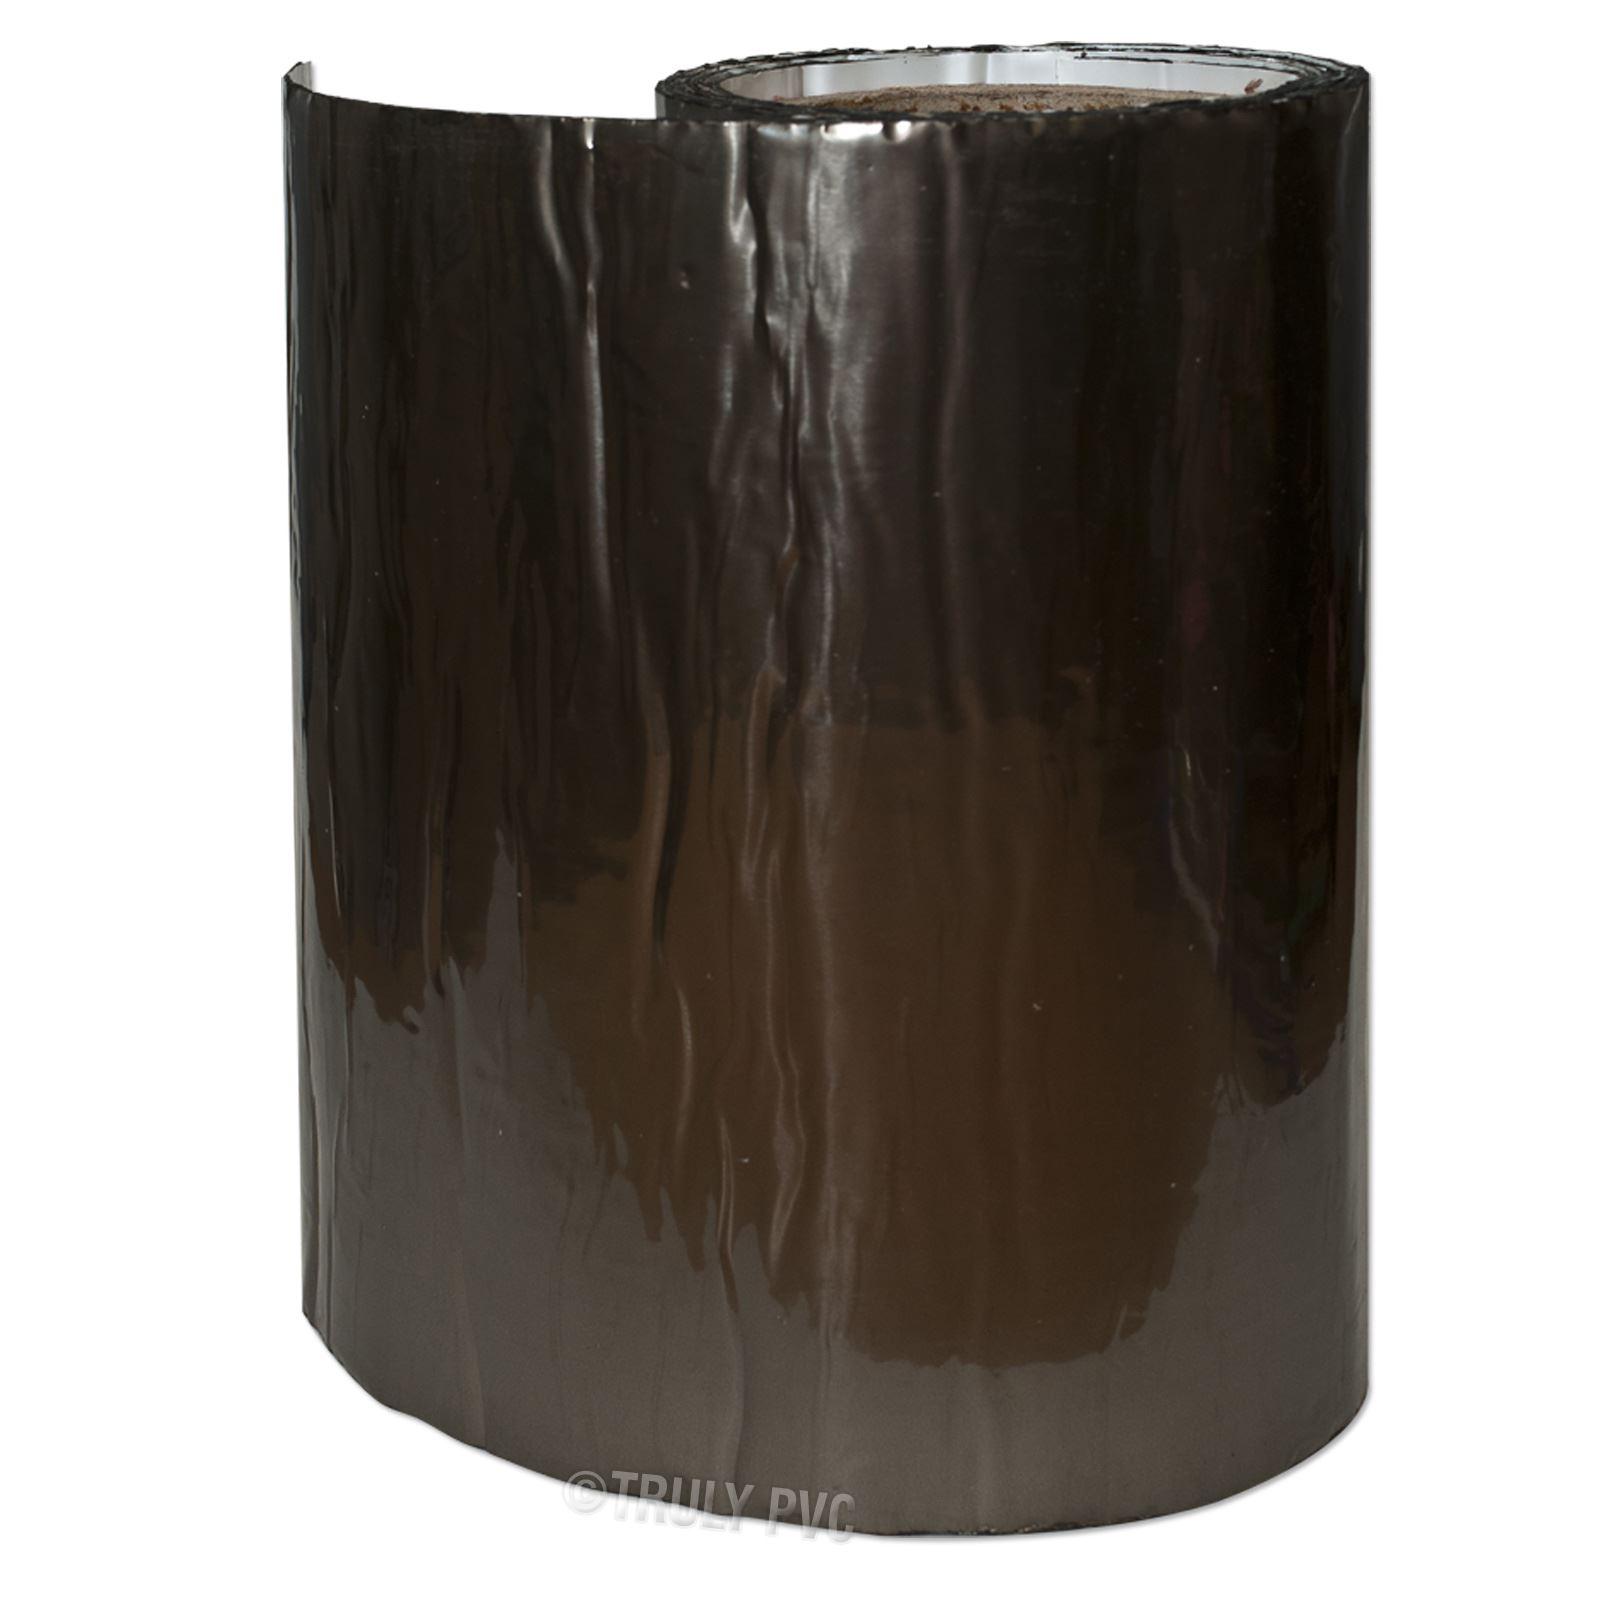 75mm X 10m 3 Bitubond Bitumen Aluminium Roof Flashing